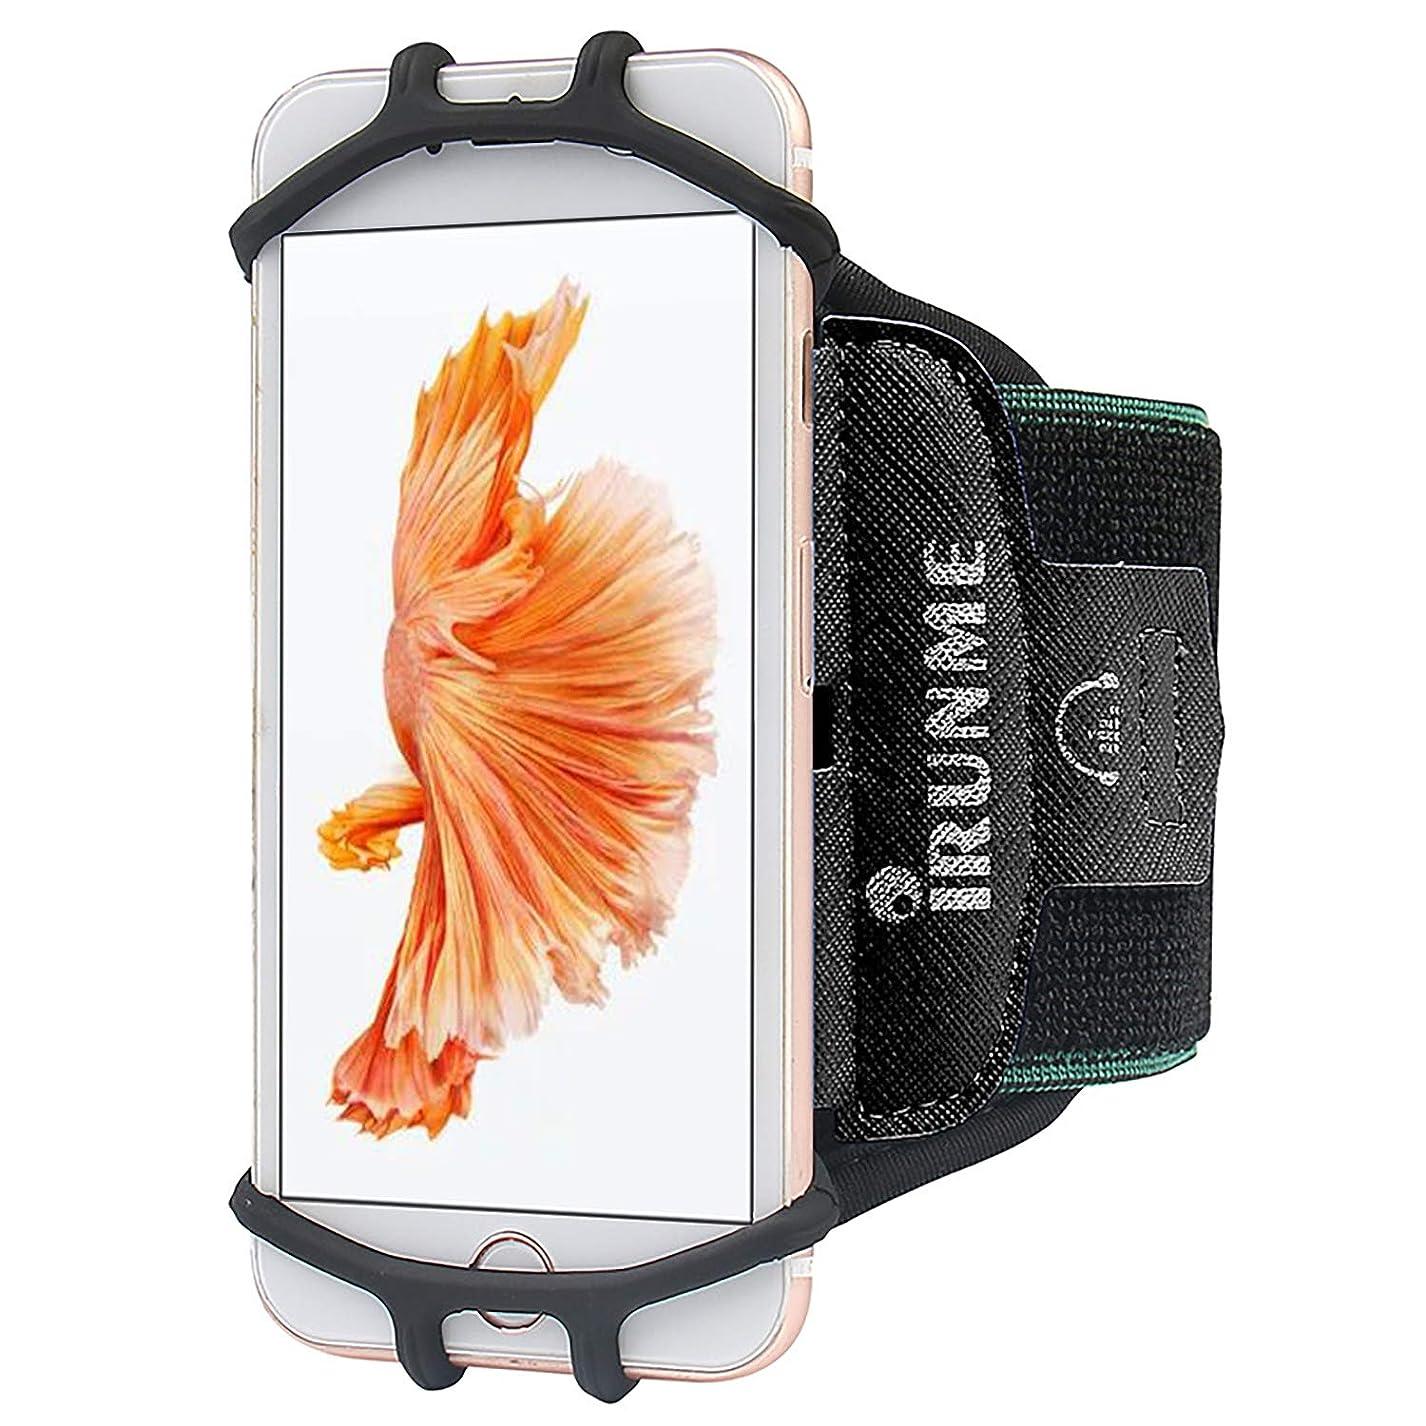 浸食負荷デマンド高品質なスマホ アームバンド スポーツアームバンド 180°回転式 高弾力/防汗/軽量/男女共用 リストバンド 作業 釣り 自転バイク 運転 使いやすい3.5~6インチのスマホiPhone、Sharp、Samsung、Xperia、AQUOS、Arrows、Sonyなど多機種に対応 プレゼント最適(ブラック)